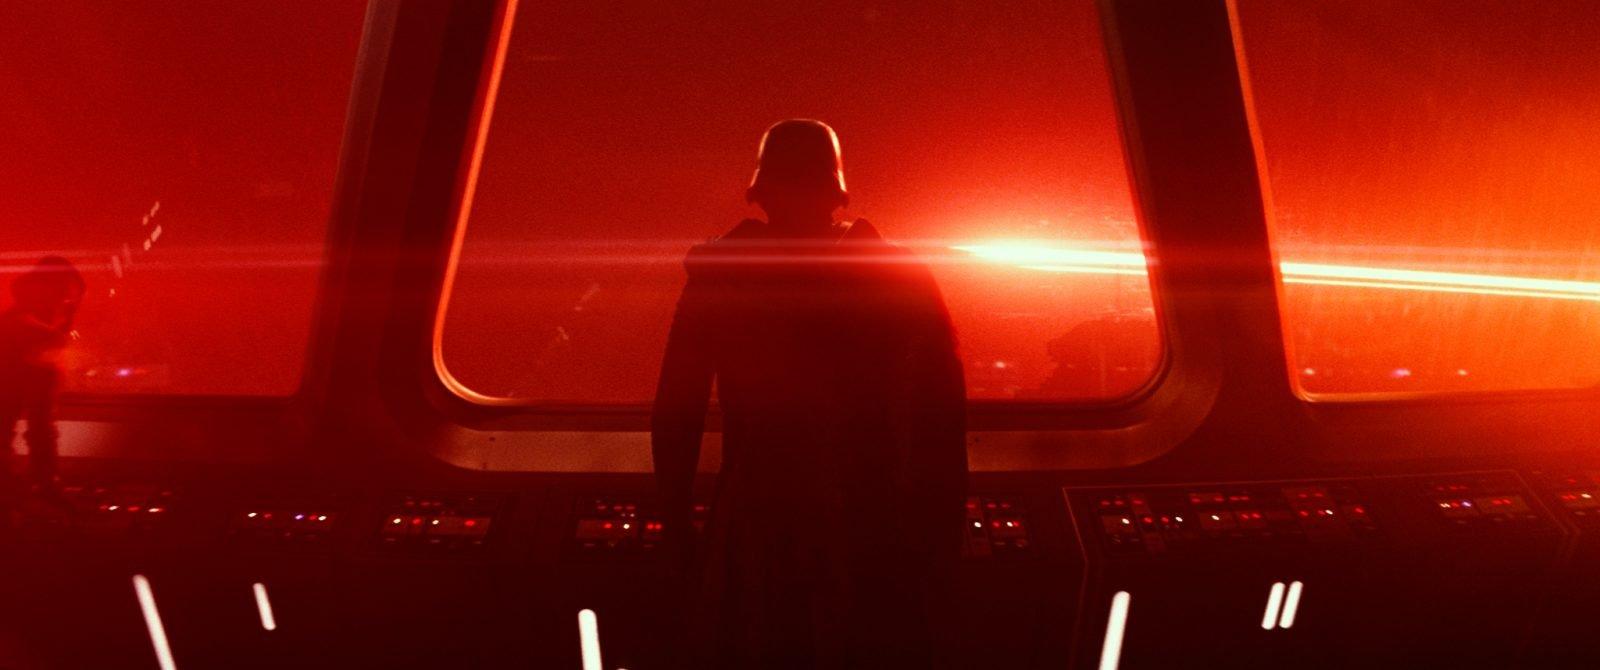 Star Wars VII The Force Awakens 3 - Kylo Ren on Starship